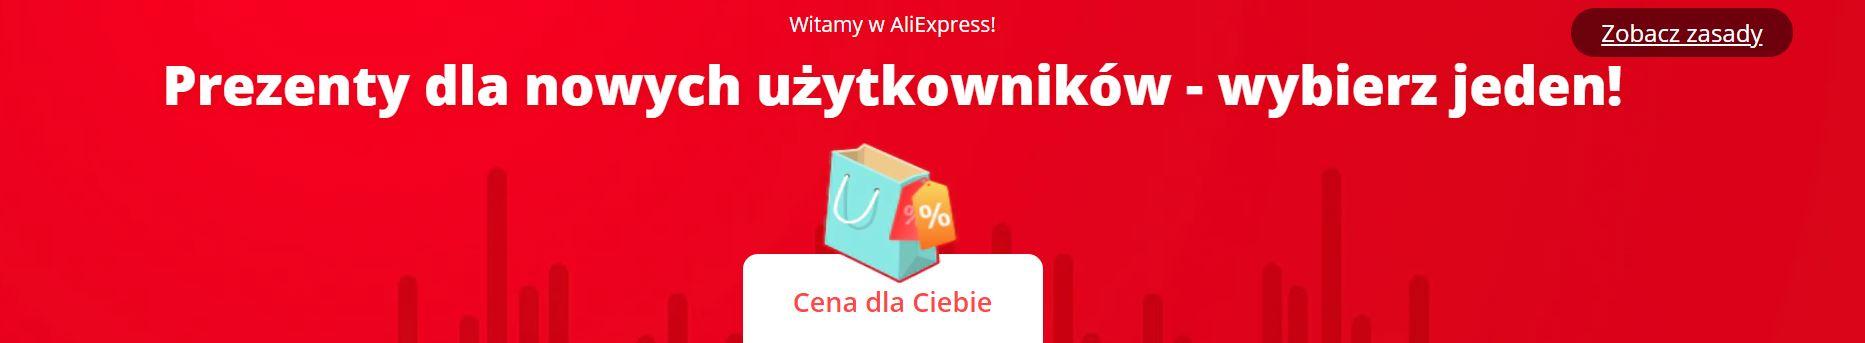 Oferty dla nowych klientów Aliexpress